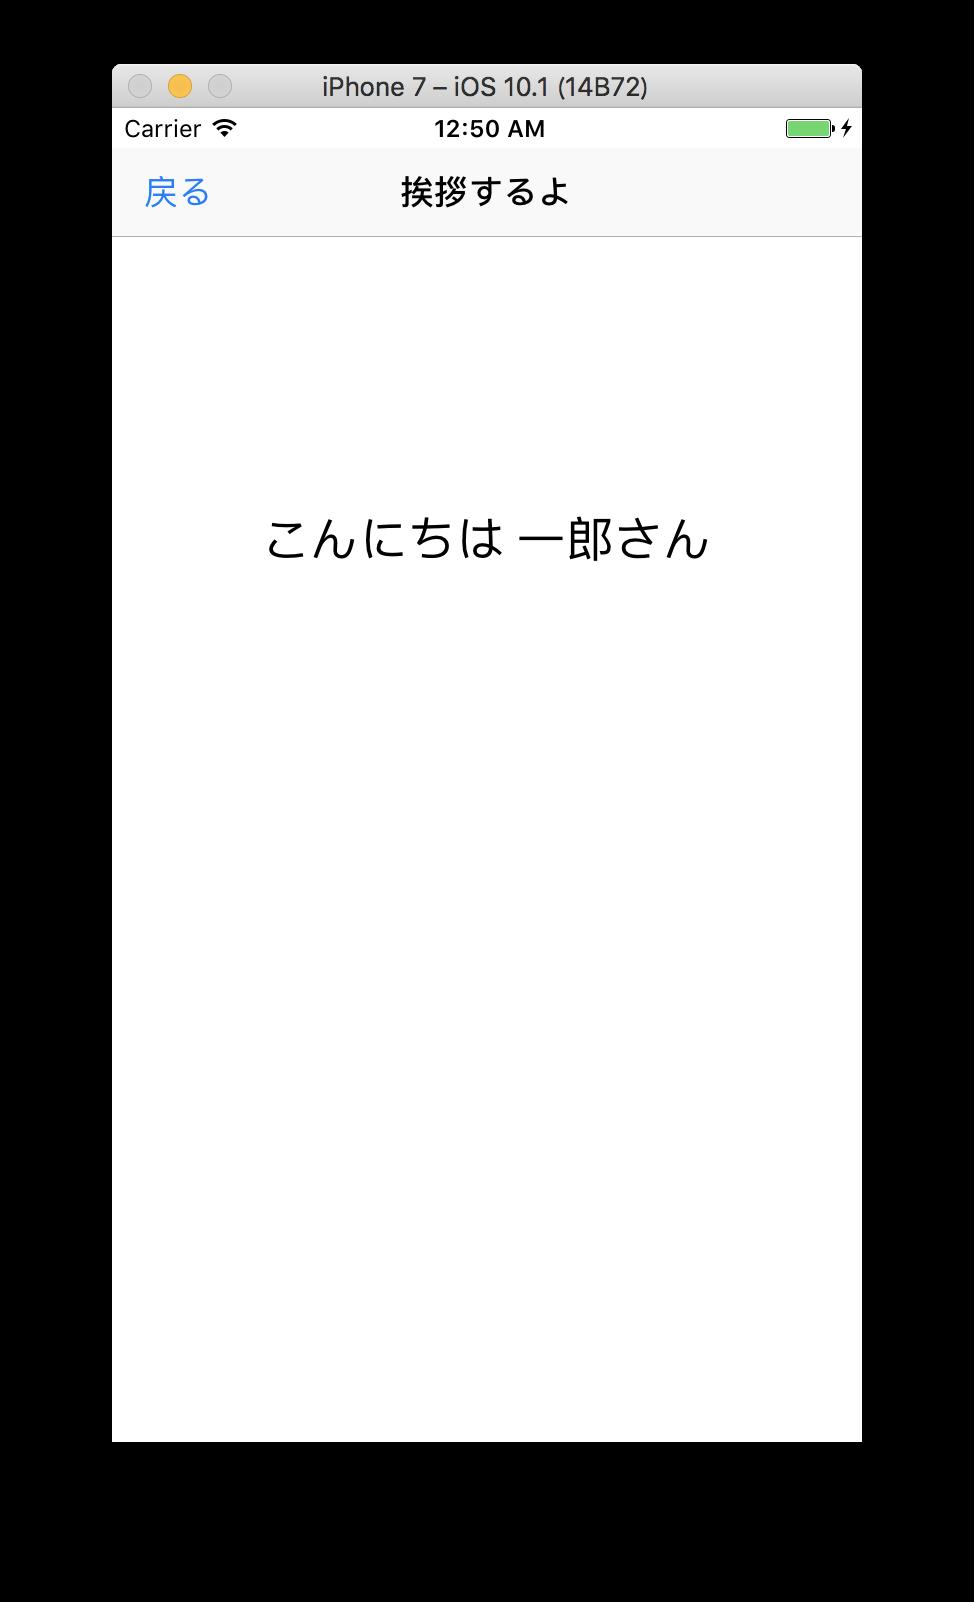 スクリーンショット 2017-02-24 0.49.59.png